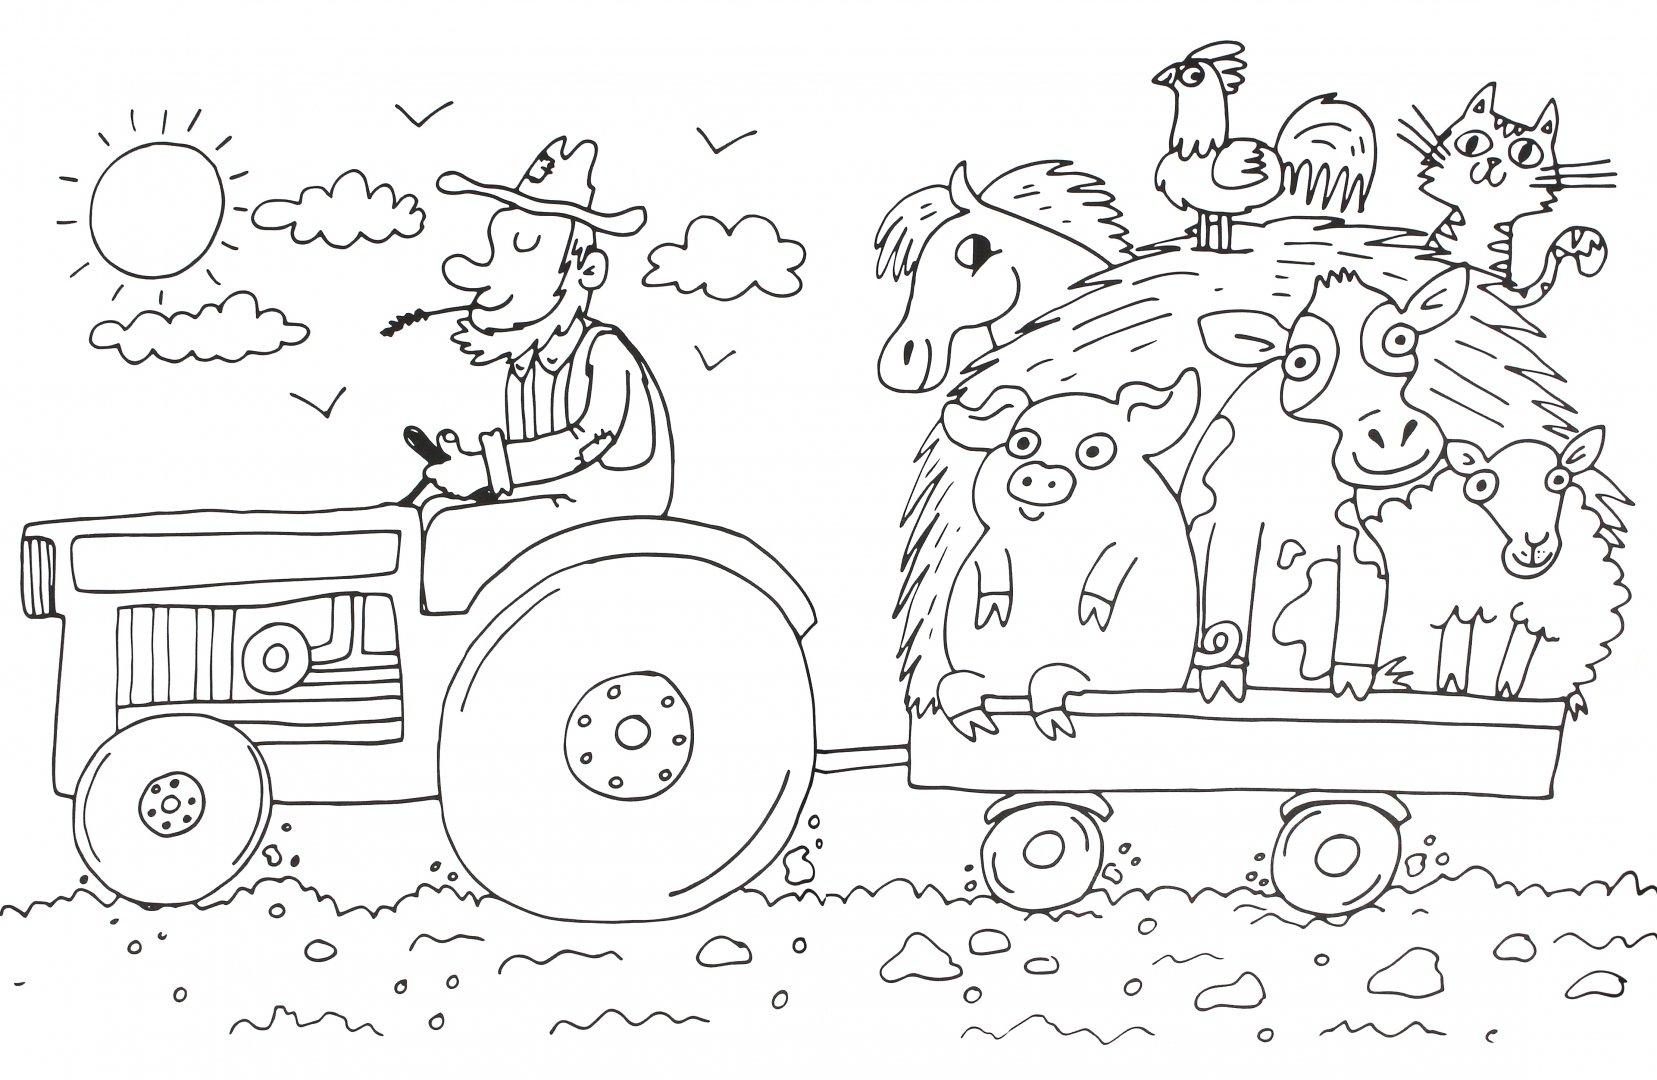 Трактор раскраска для малышей с прицепом